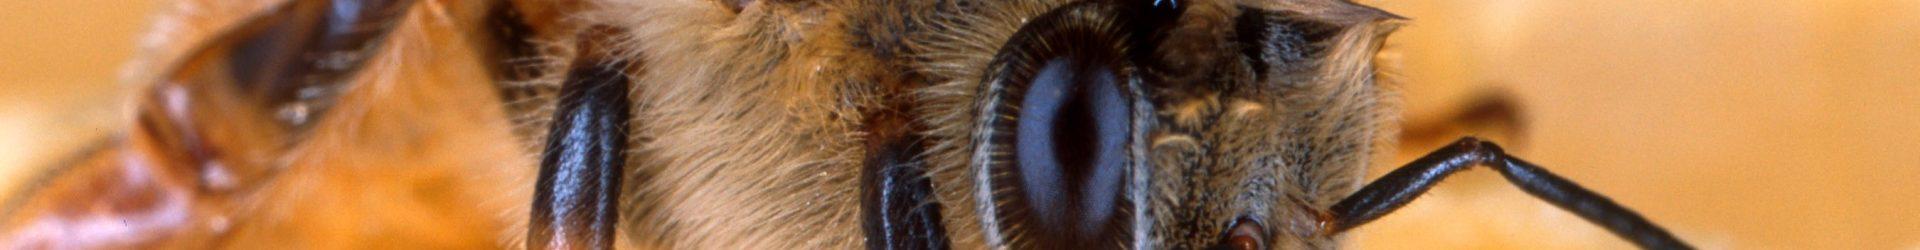 EFSA: Bienen in Gefahr durch Neonicotinoide | Wissen & Umwelt | DW | 28.02.2018